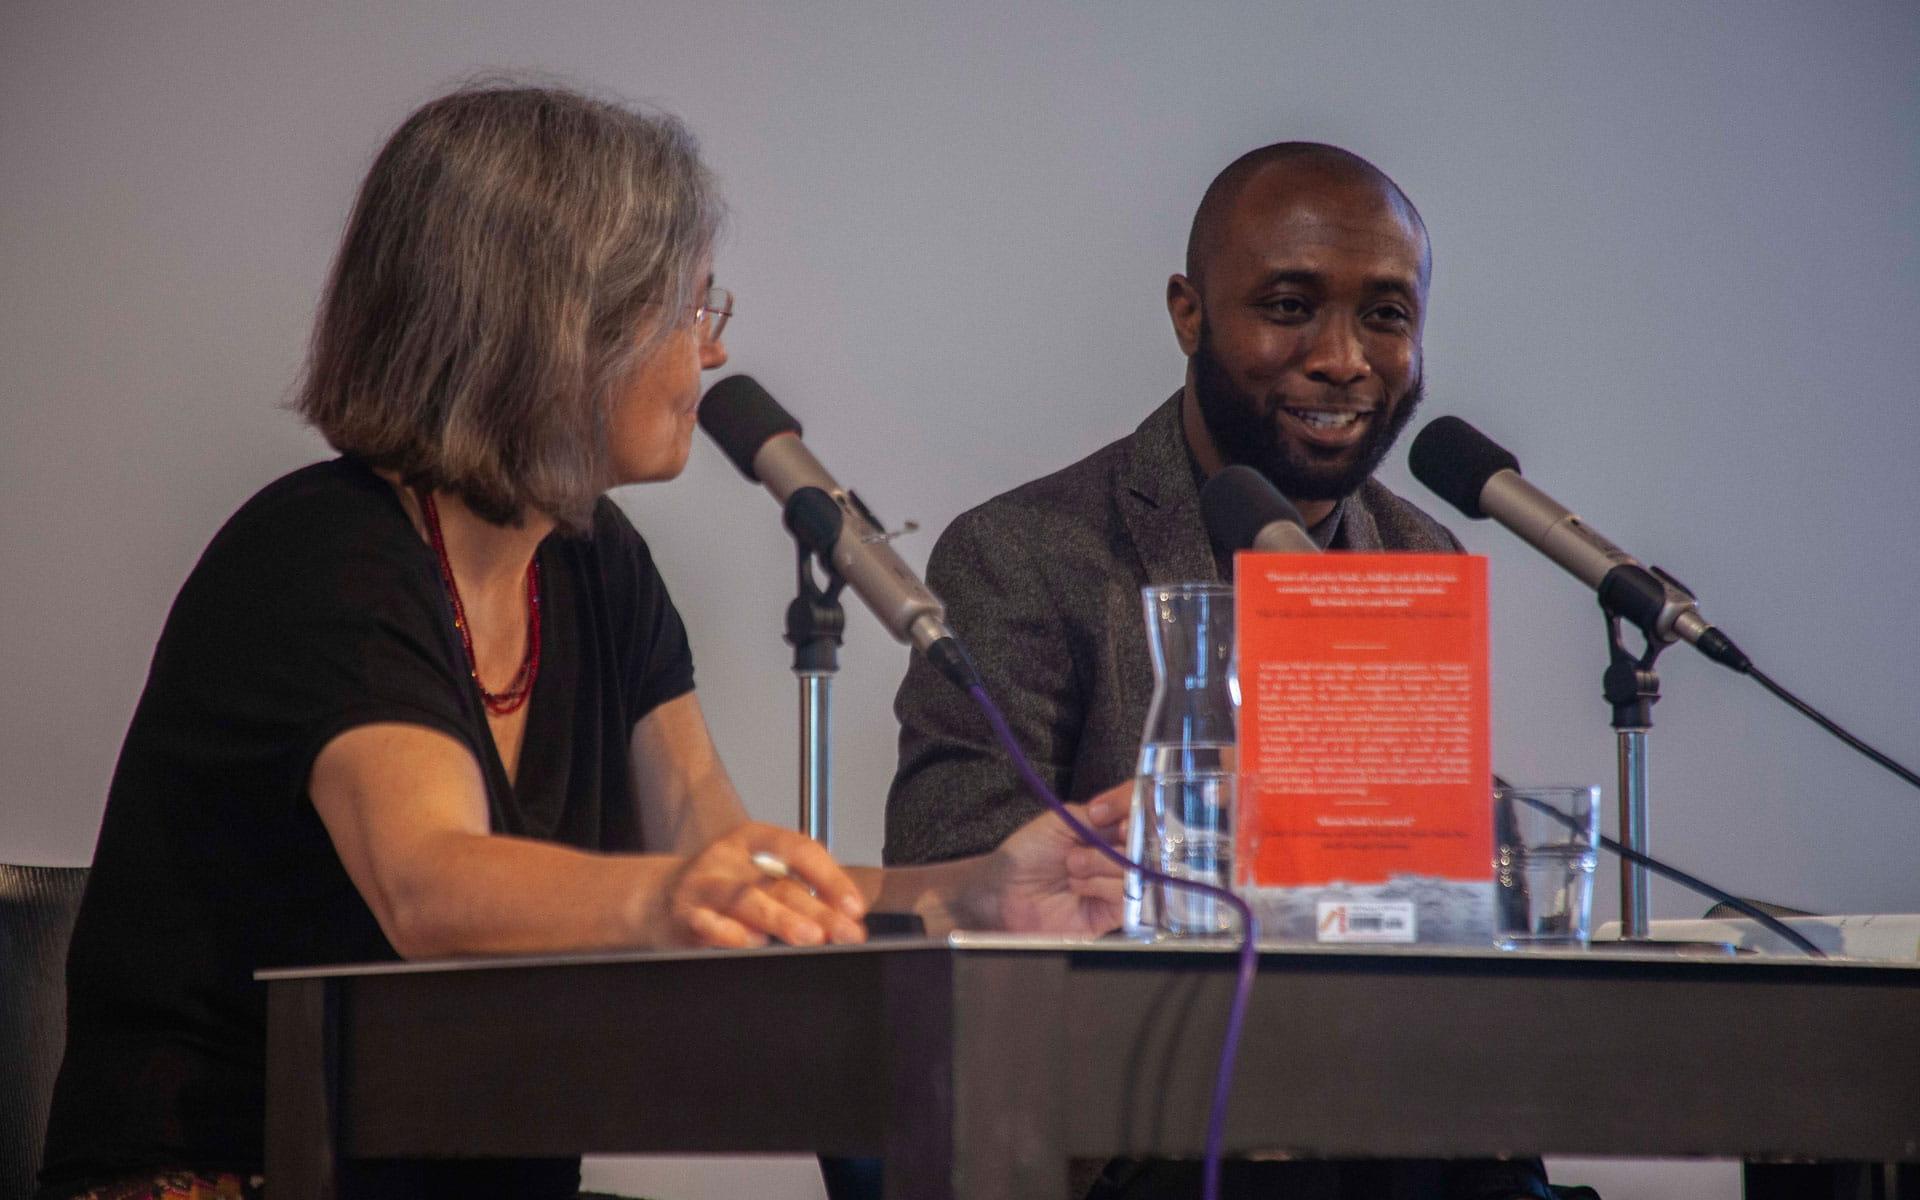 Emmanuel Iduma: Die Pose eines Fremden <br/>(c) Lemia Bodden